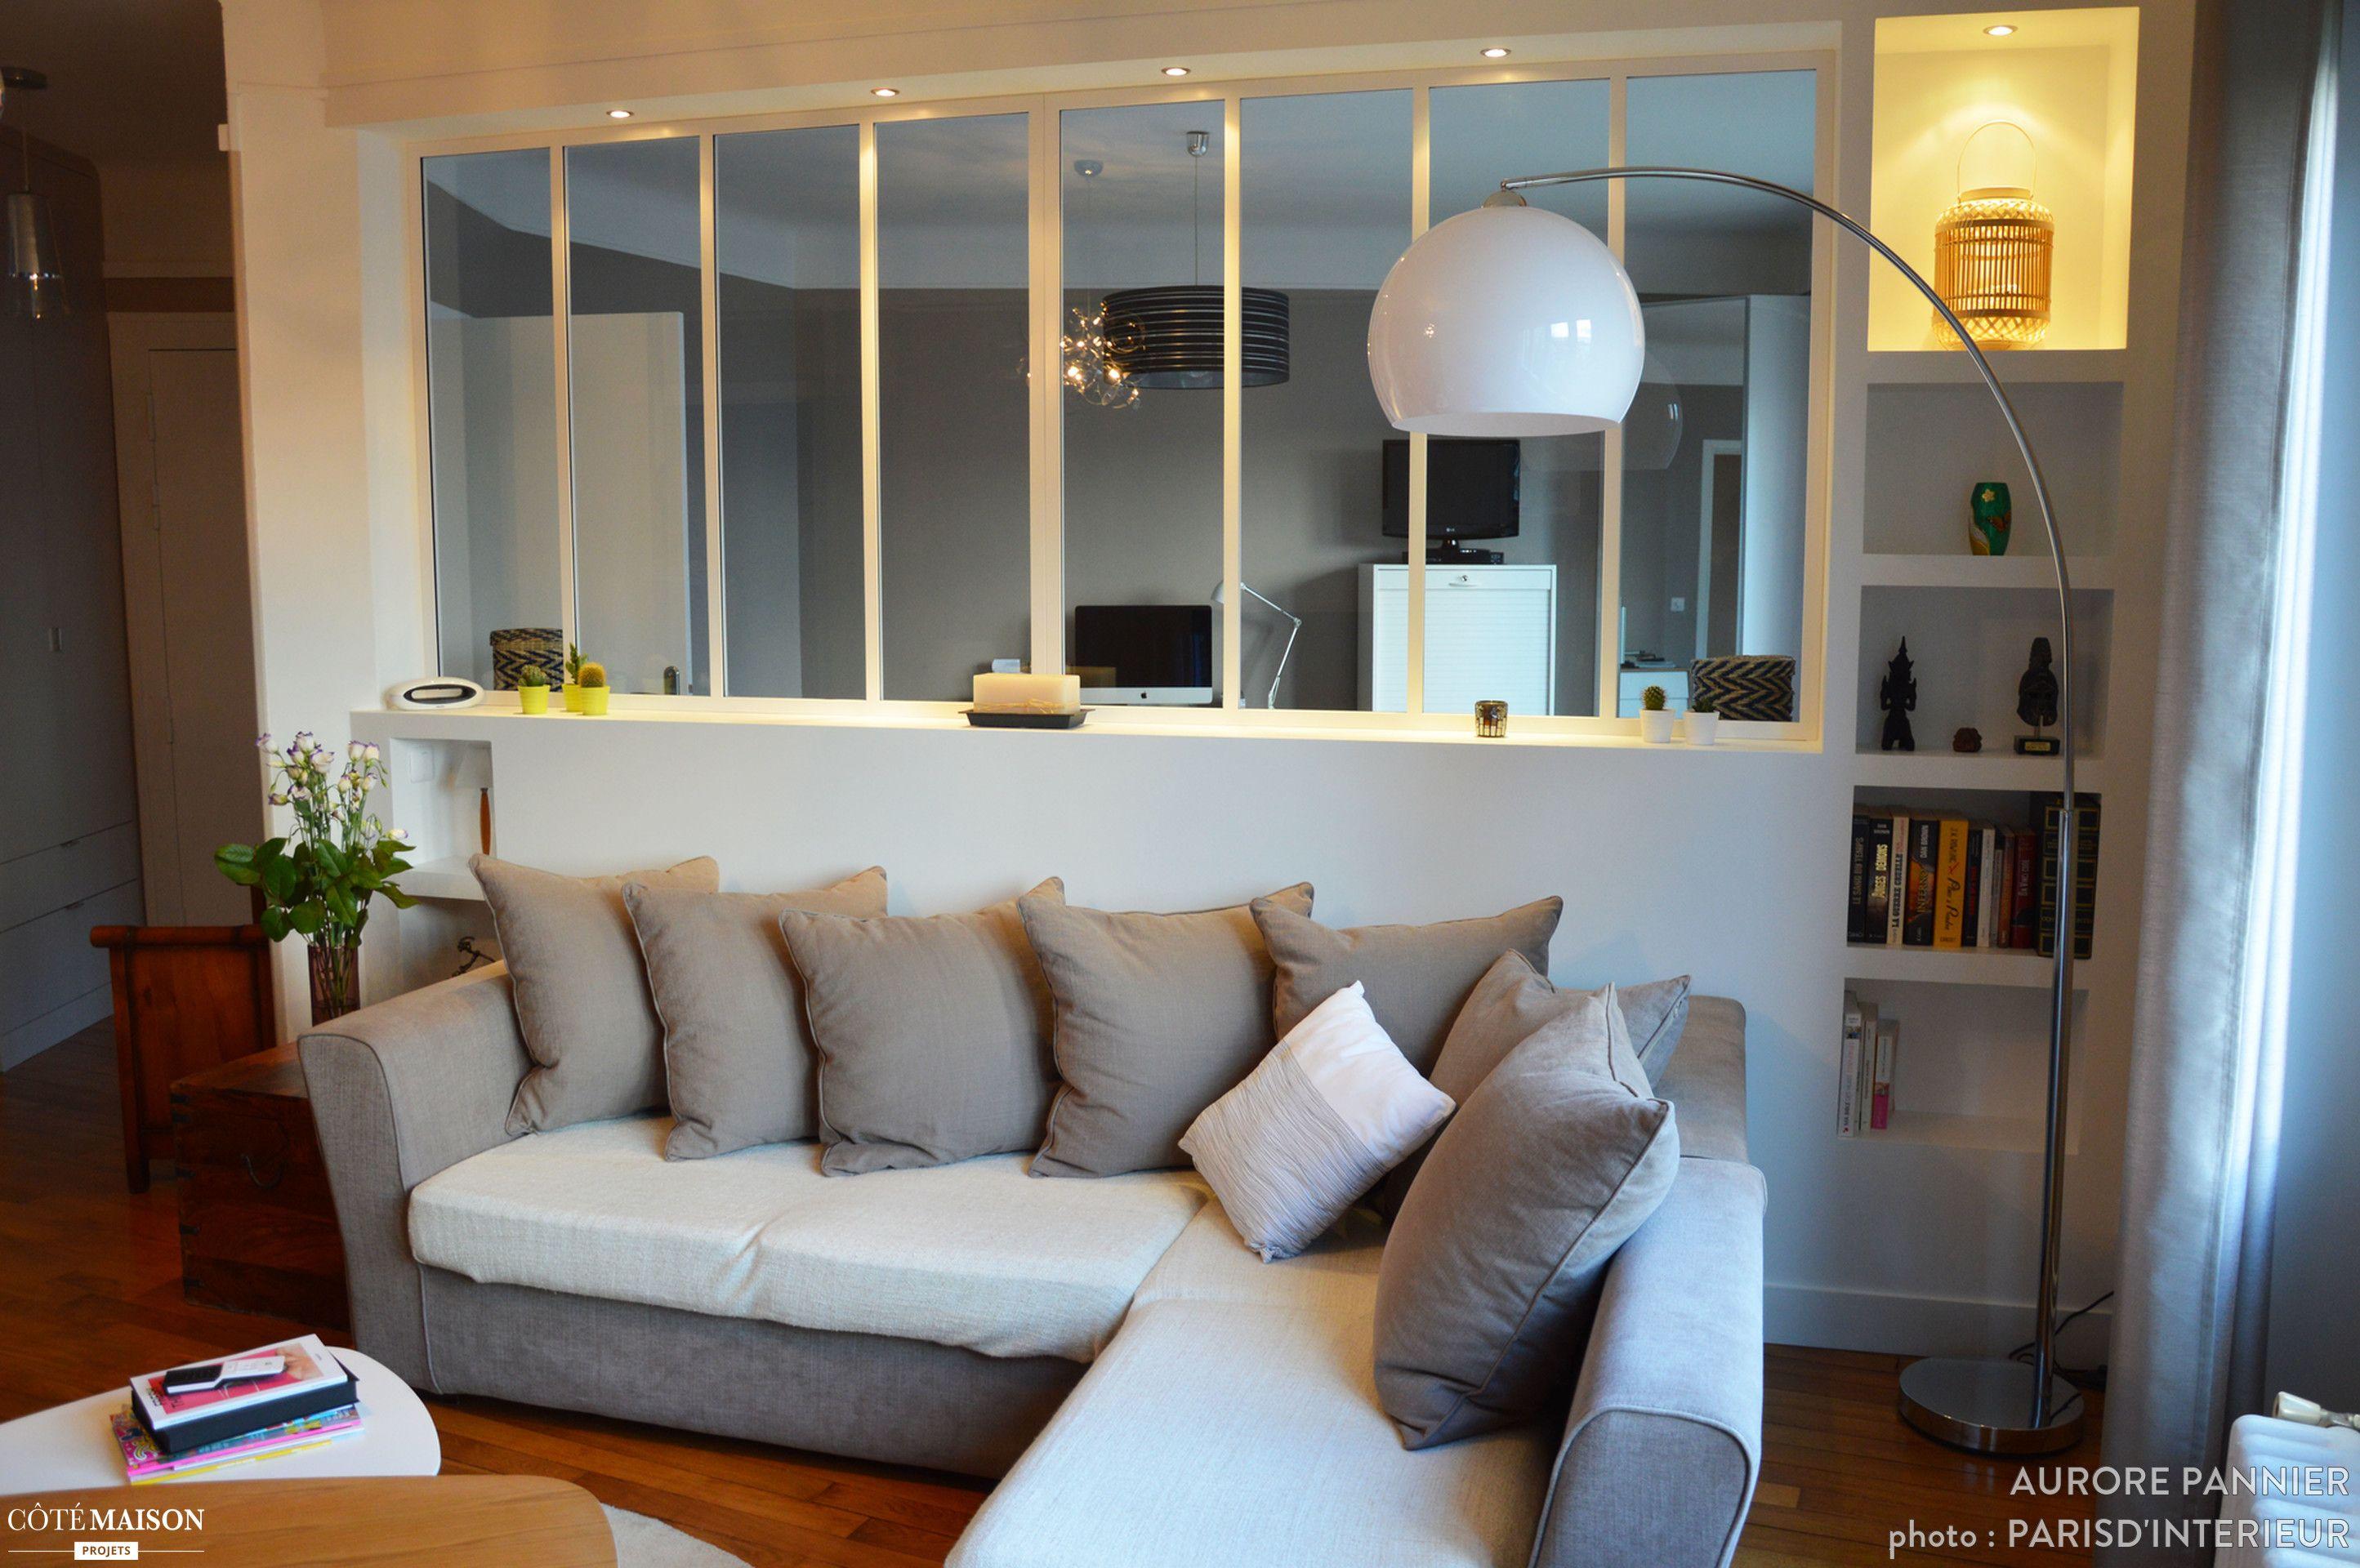 création d'une chambre dans une pièce à vivre, séparées par une